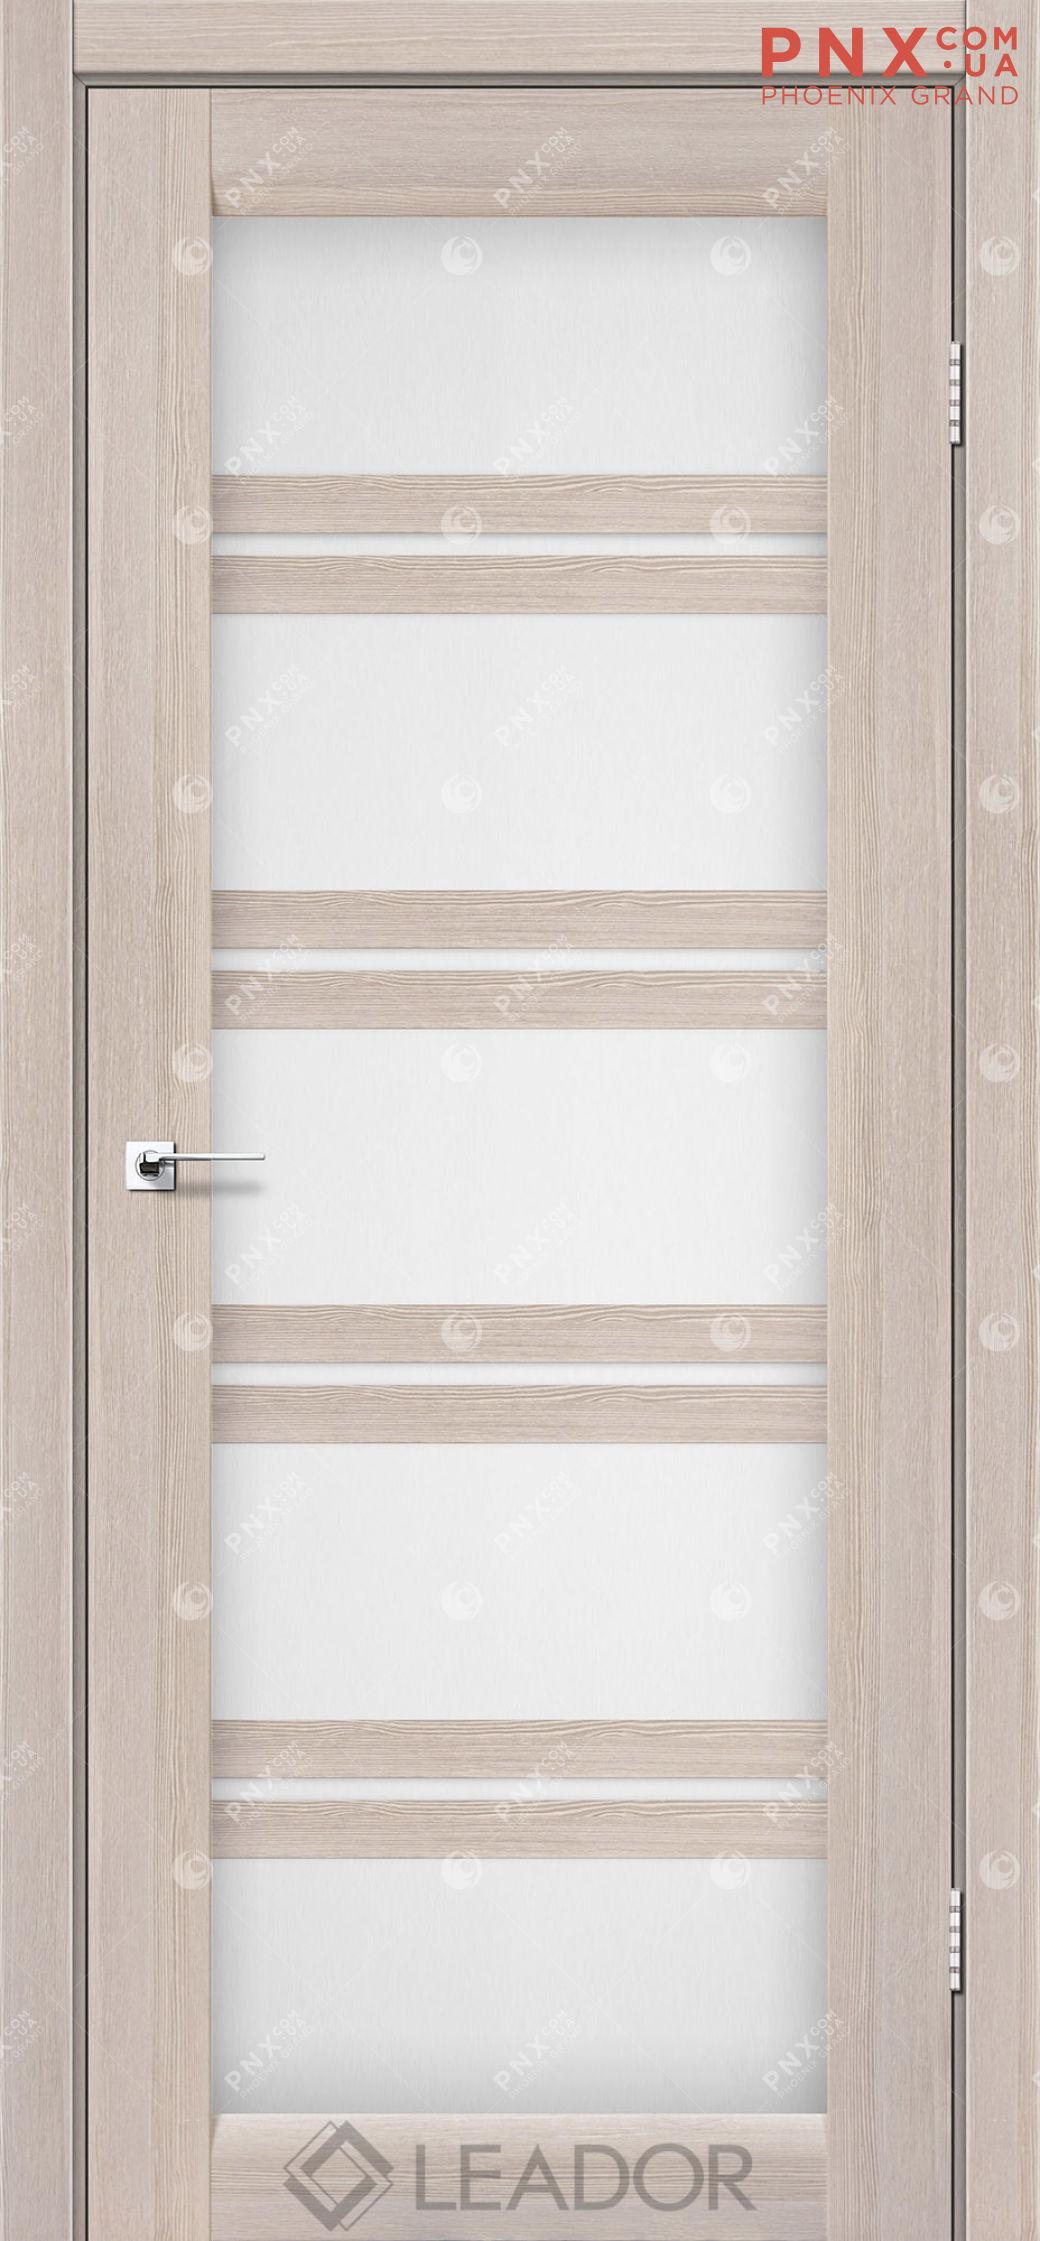 Межкомнатная дверь LEADOR Lodi, Монблан, Белое стекло сатин